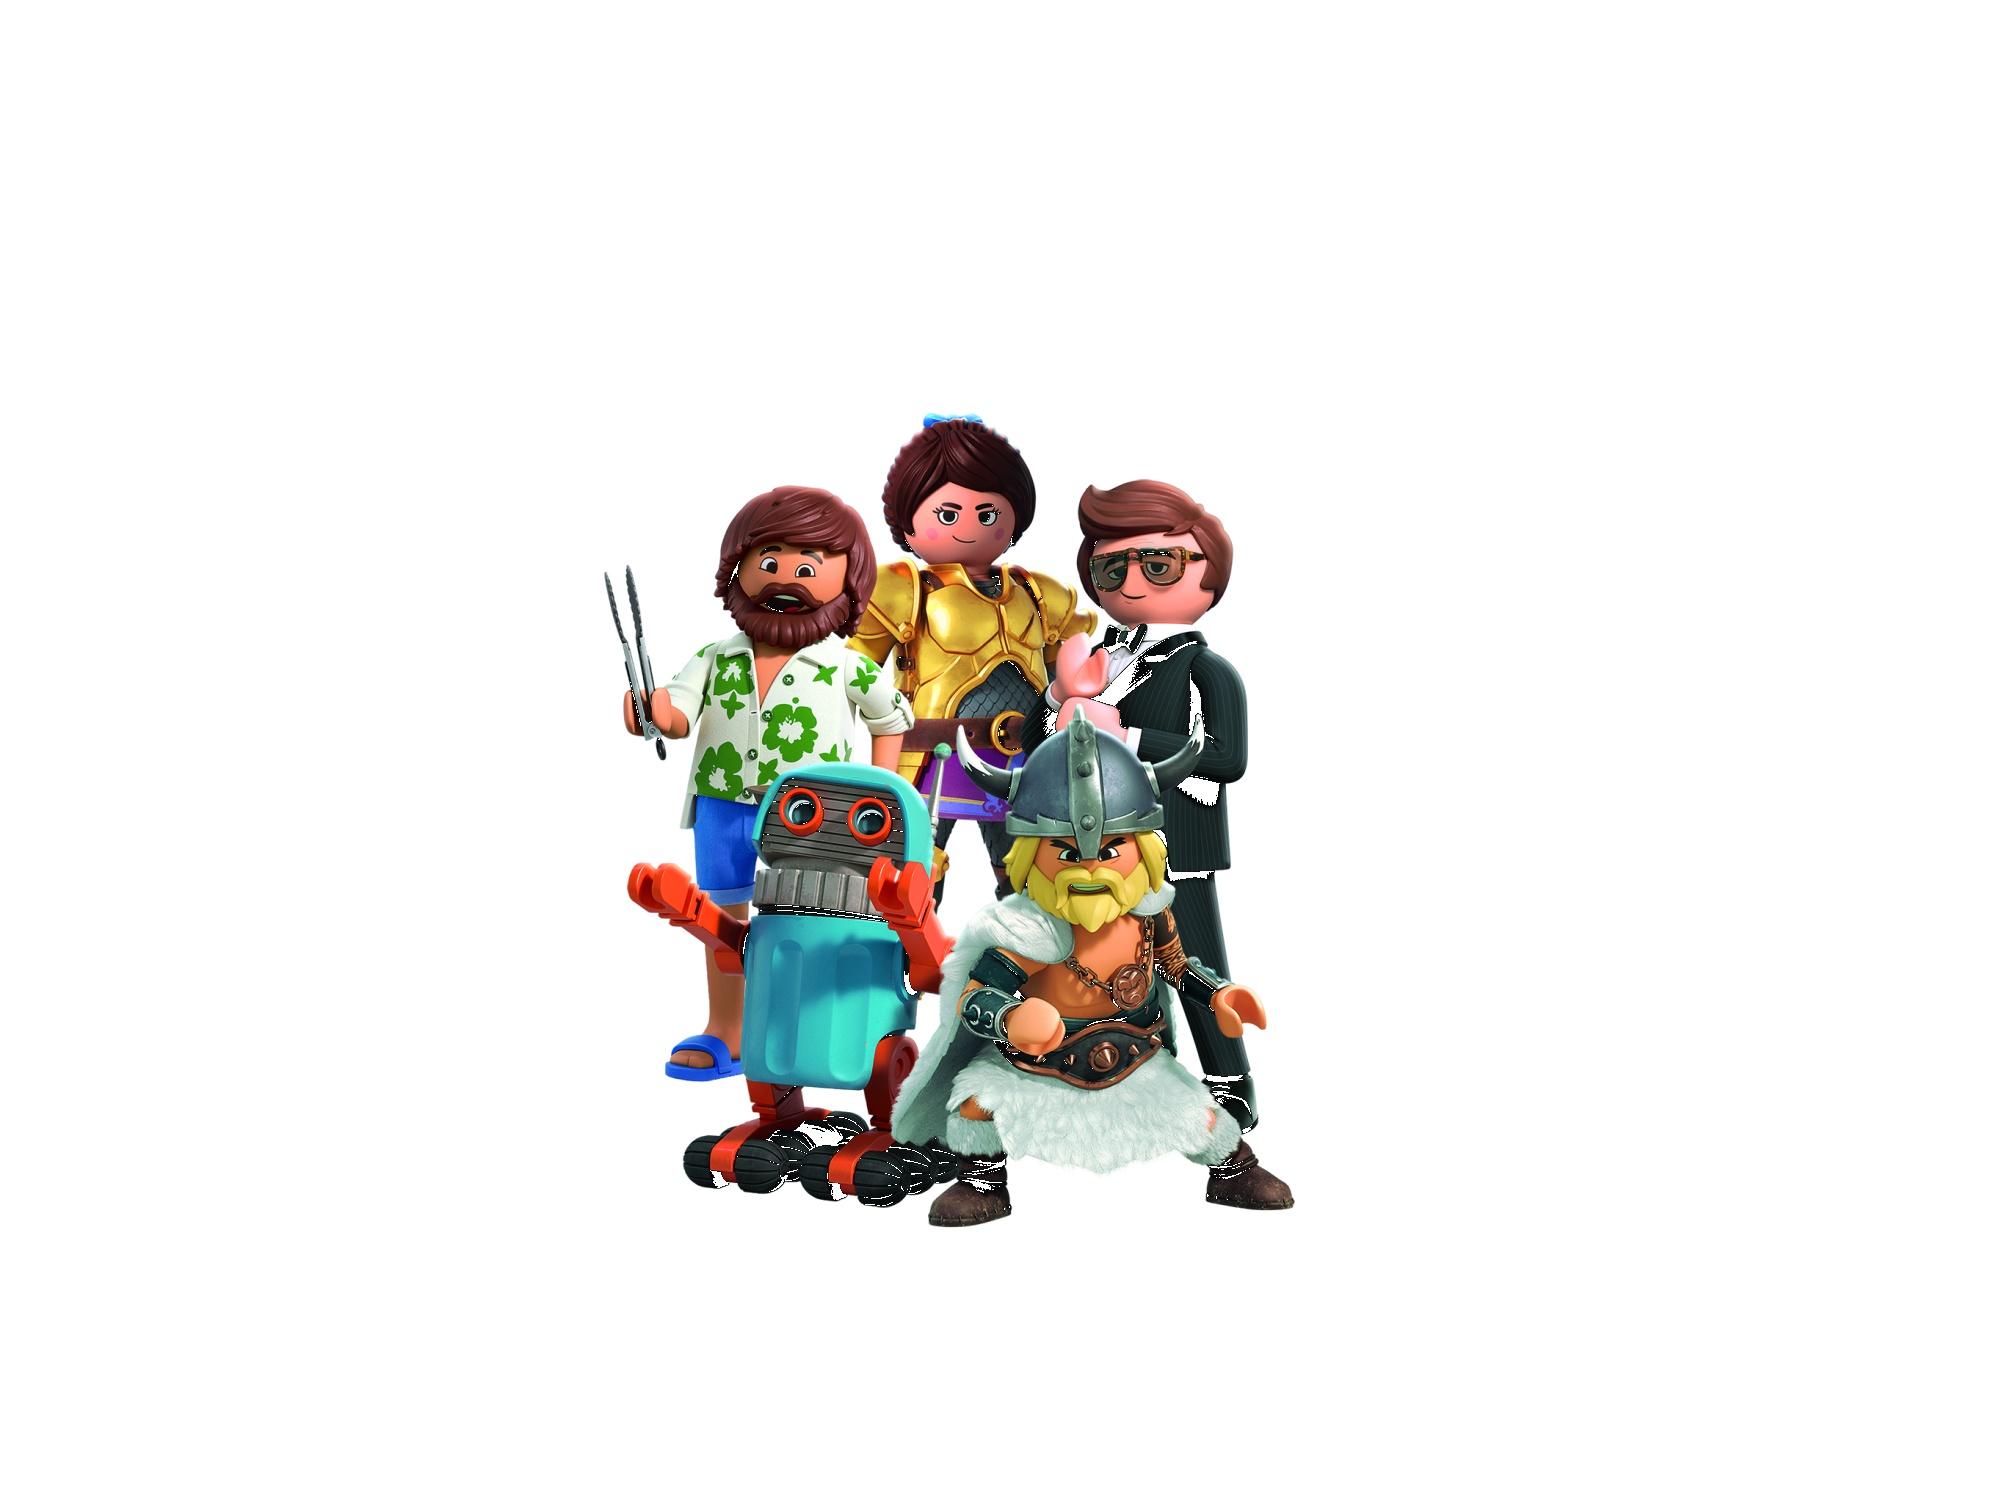 Figurine seria 1 playmobil movie - 1